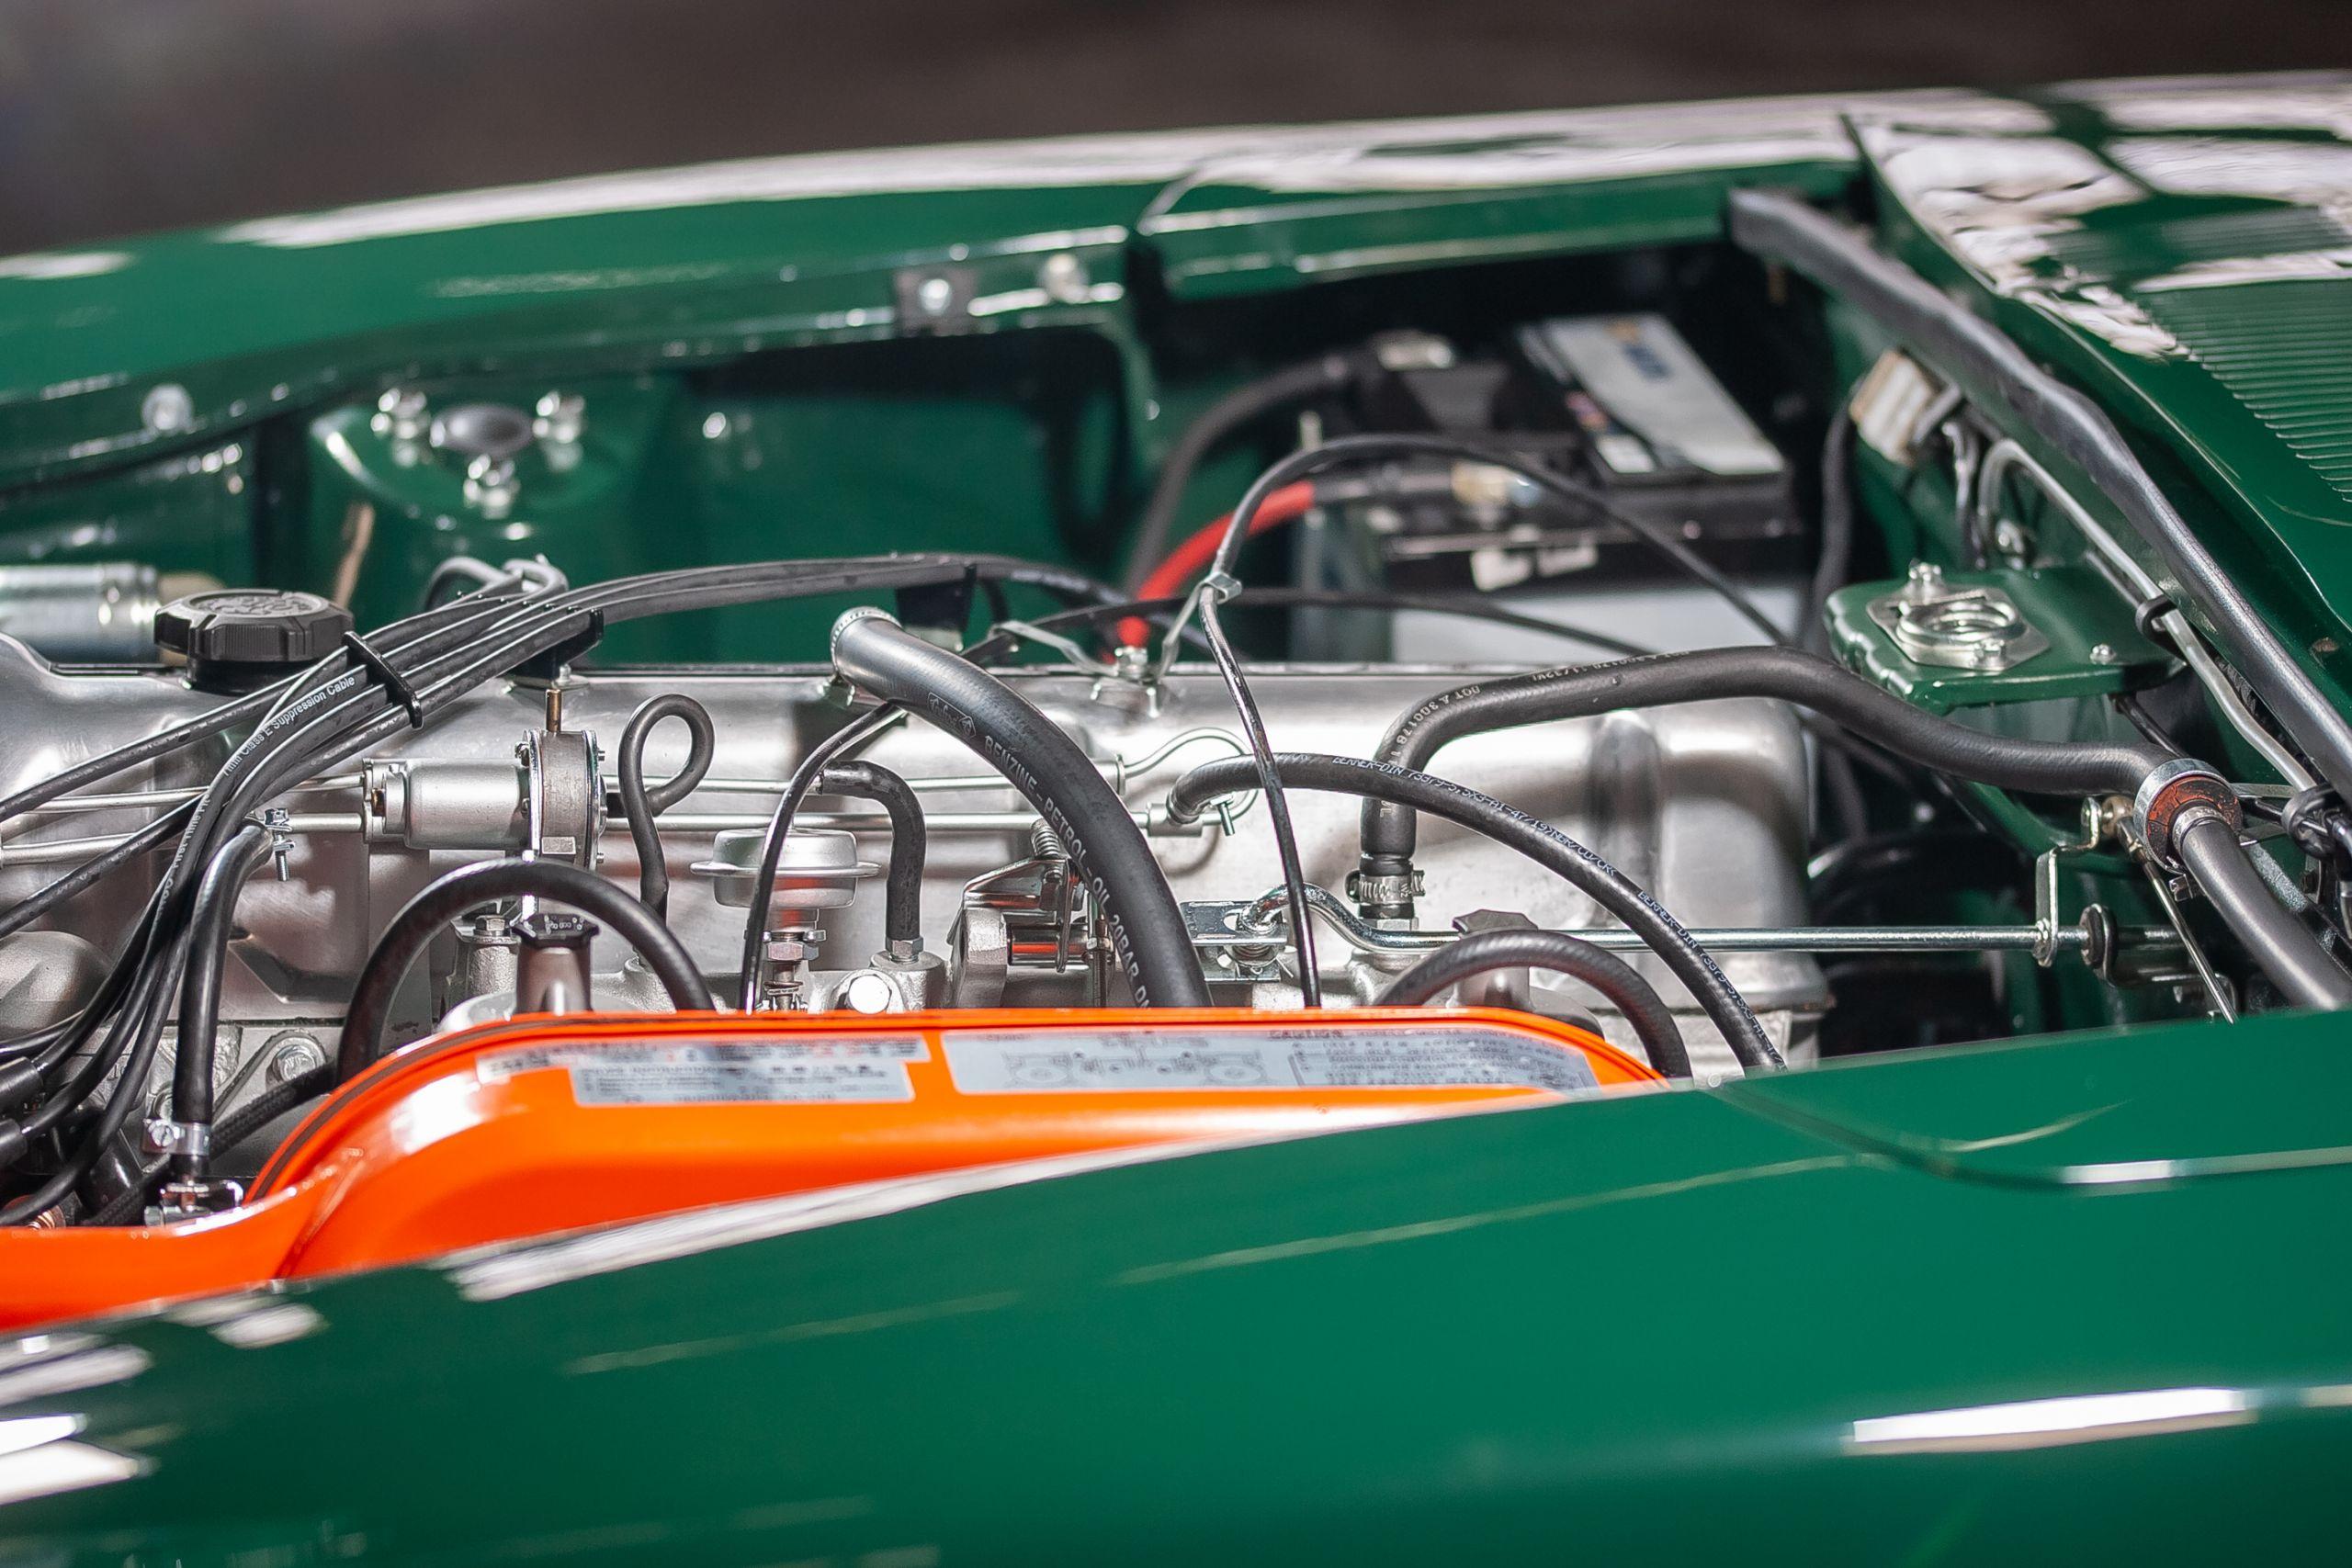 Restaurierter L24 Motor eines datsun 240z zu verkaufen